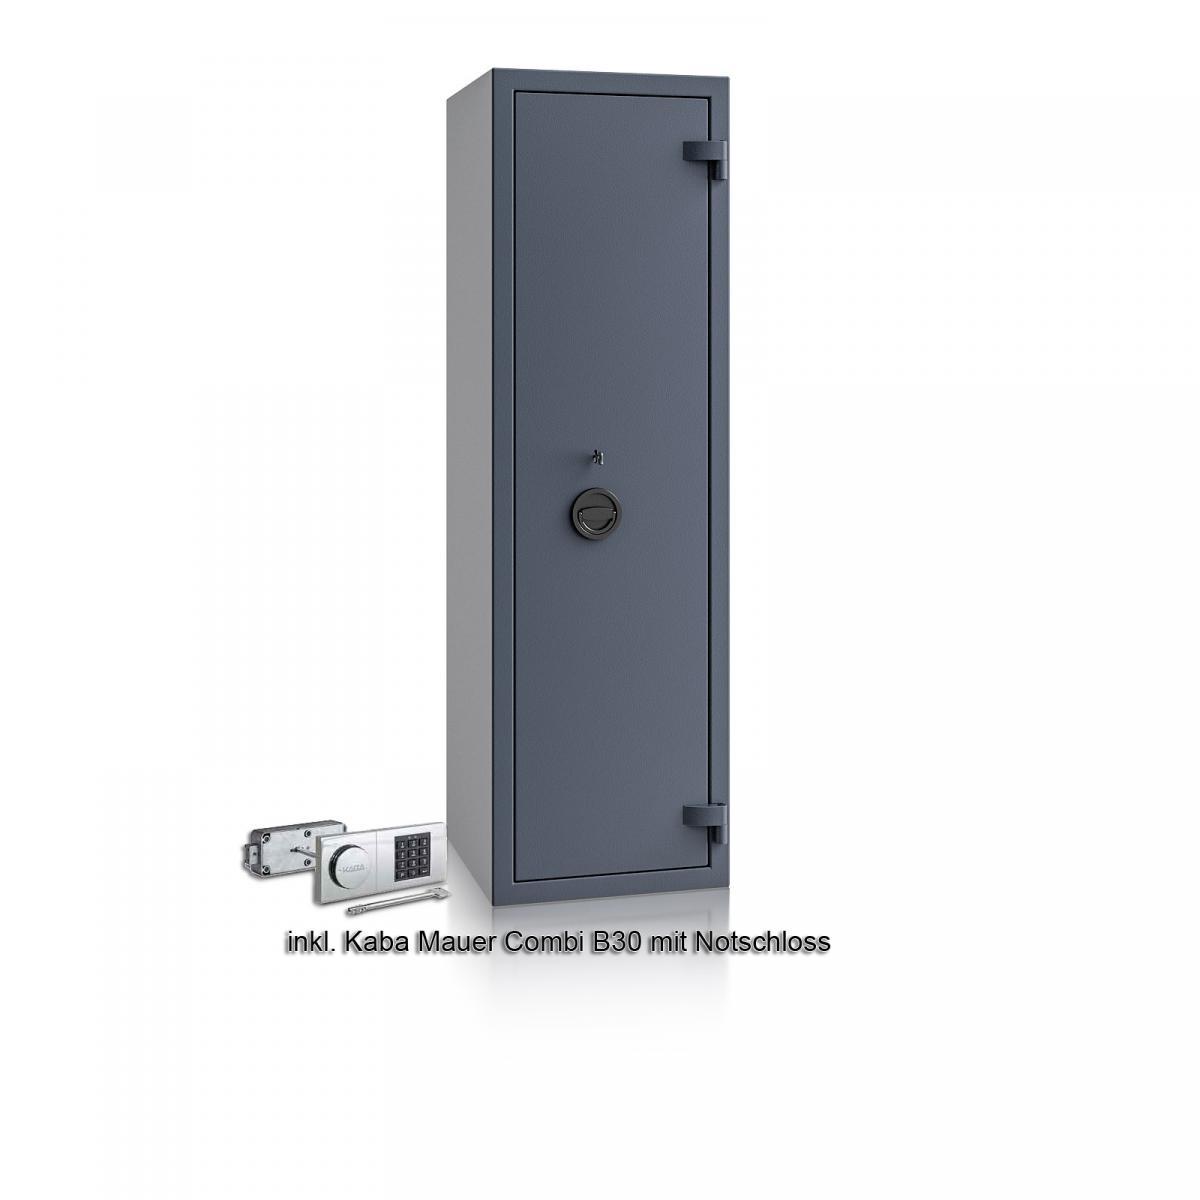 Waffenschrank Luzern WF 5 - 1500x450x450 / 165kg 55649 / Klasse 0 / RAL7024 / Elektr. B30_Rev. / DIN R